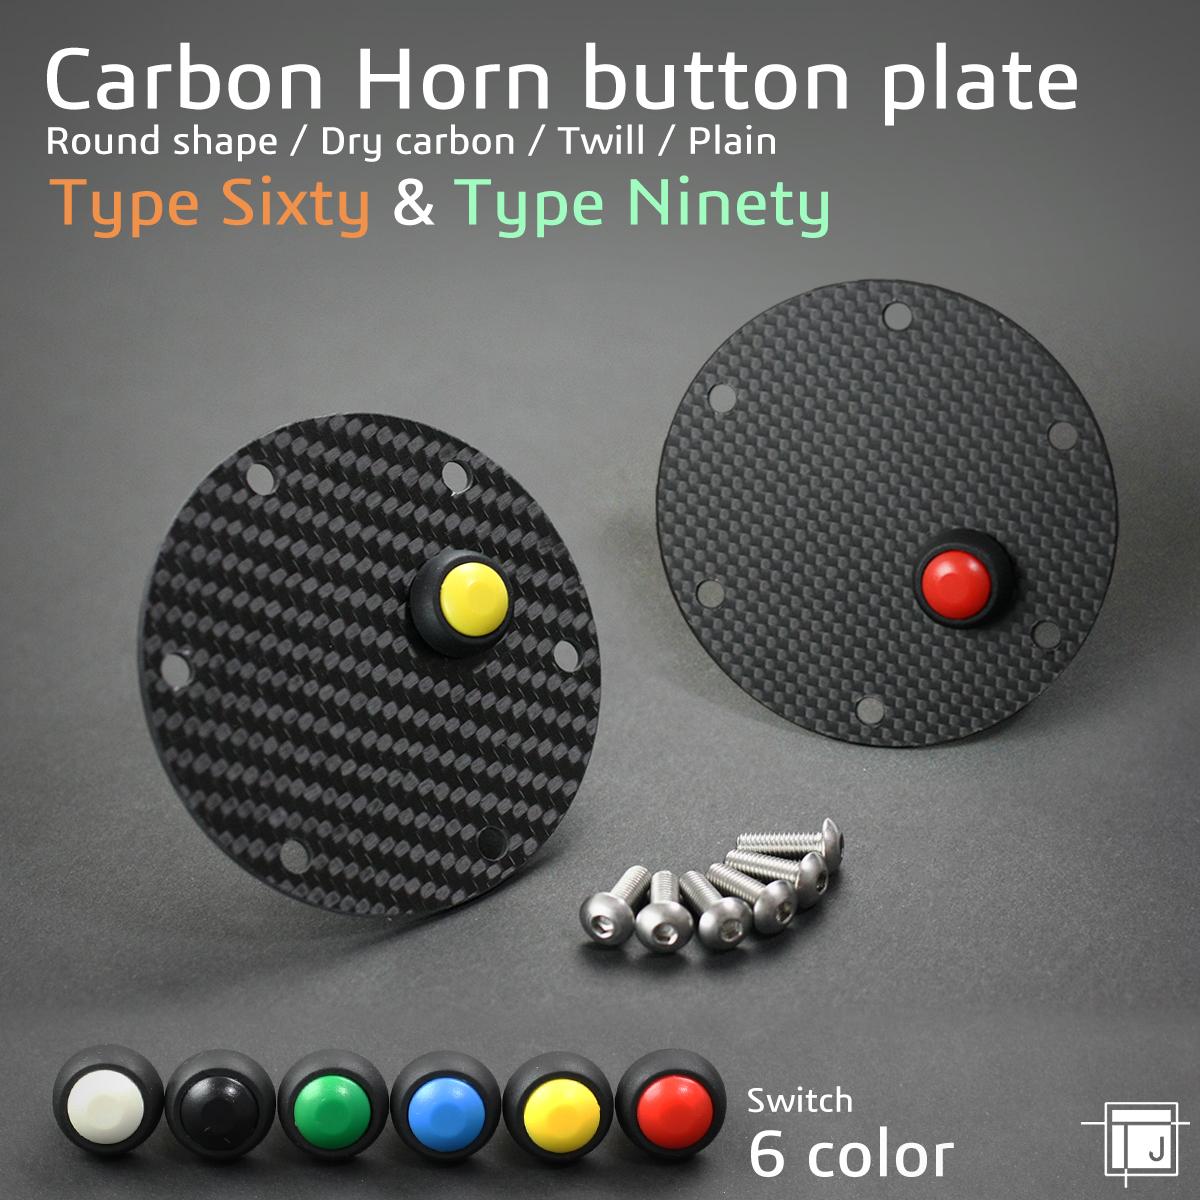 日本製 ホーンボタン プレート 丸型 MOMOサイズ ボルト・スイッチ付き 綾織/平織 ドライカーボン製 色変更可能 PCD70mm OMPやスパルコにも シモーニ モモ 円形 ステアリングボルト付属 ホーンスイッチ SPARCO TJ